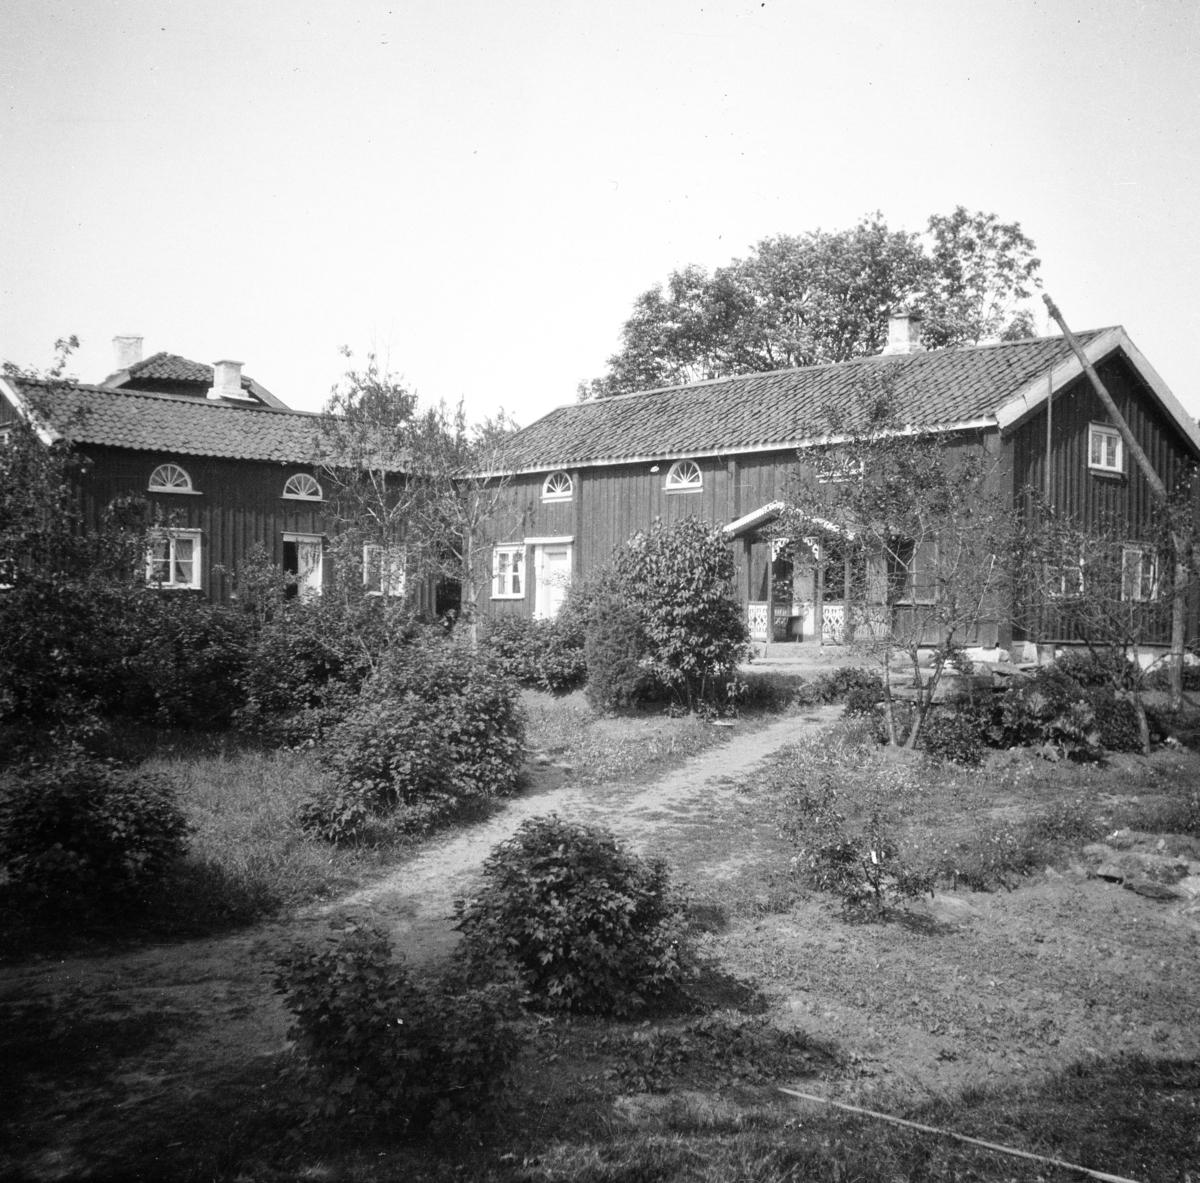 File:Sandhems kyrka Sweden unam.net - Wikimedia Commons